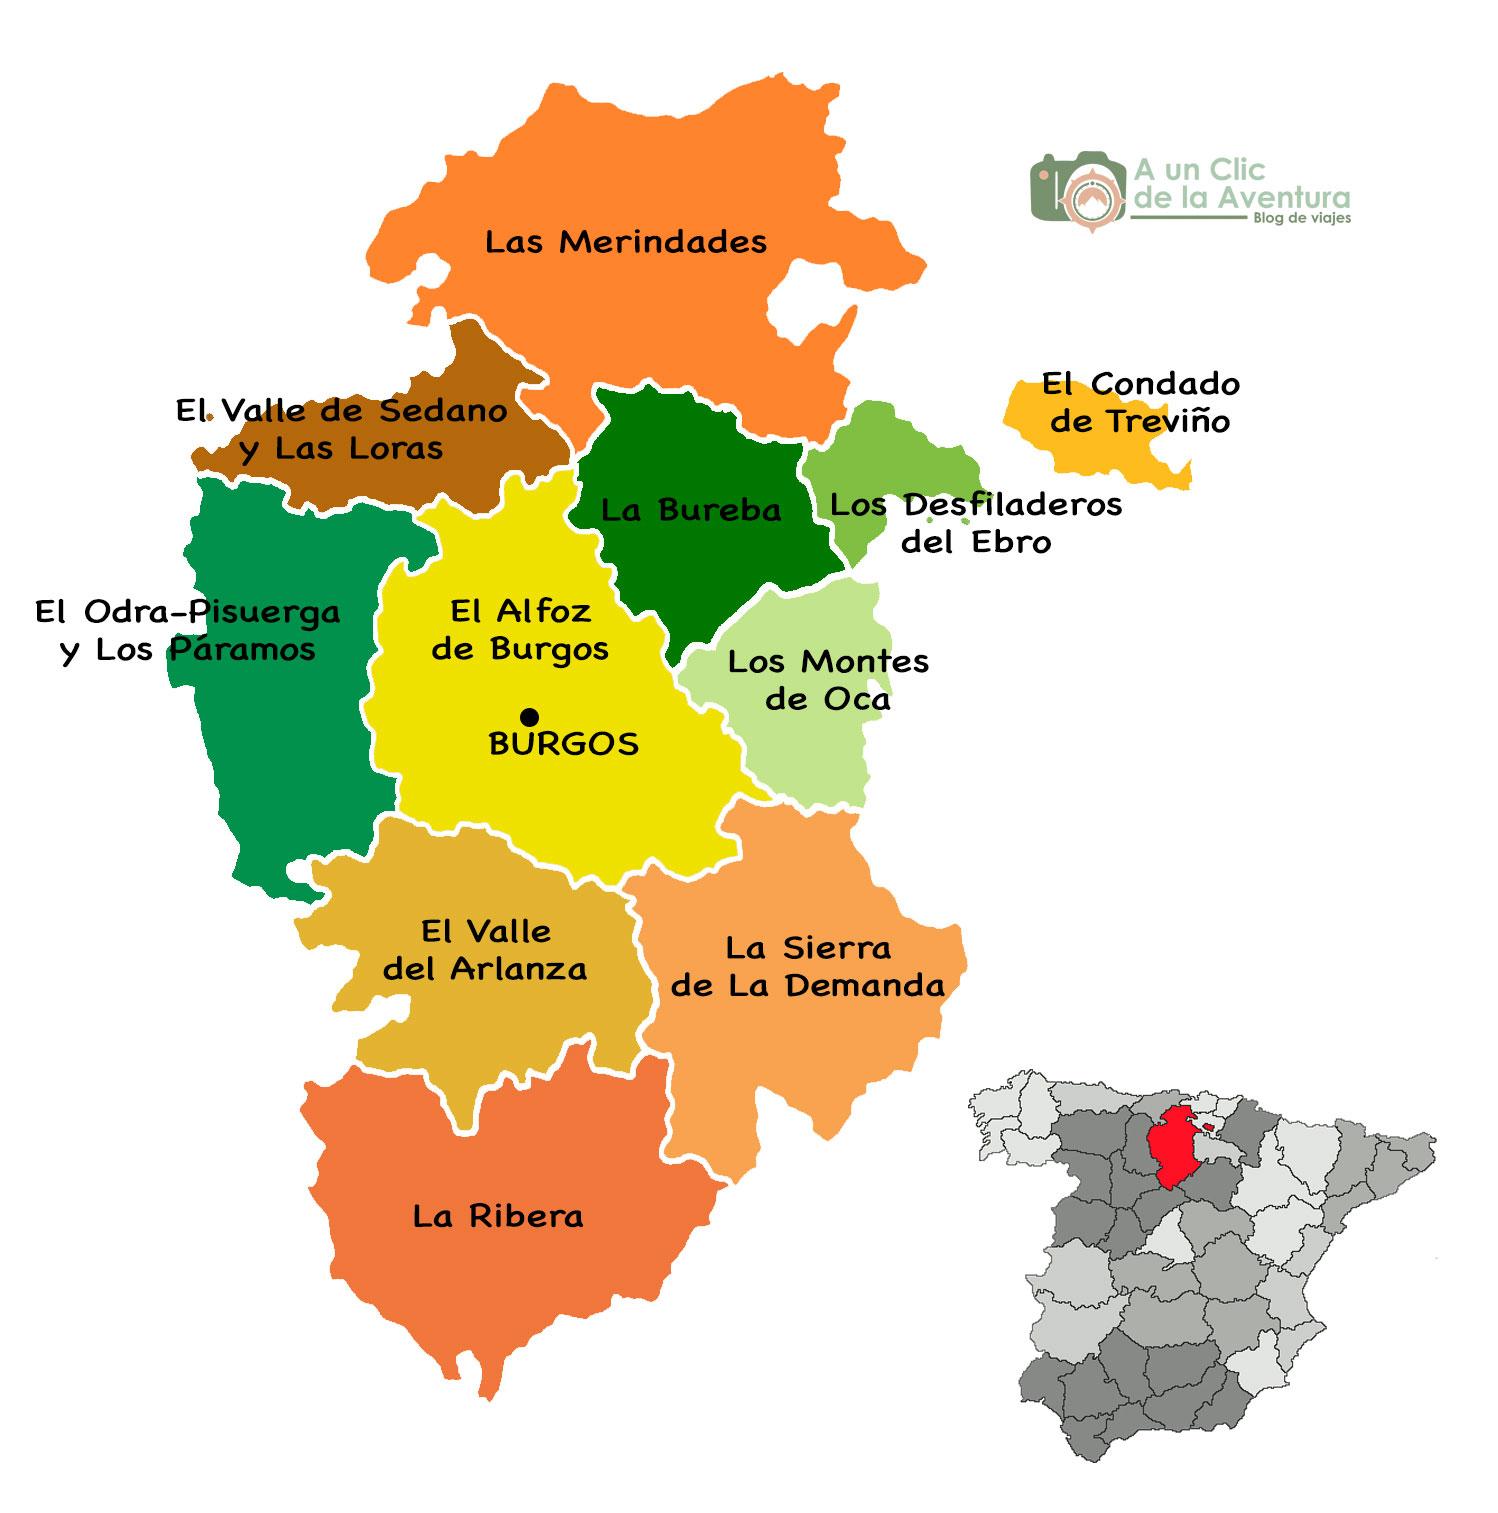 Mapa de Burgos - qué hacer en Burgos